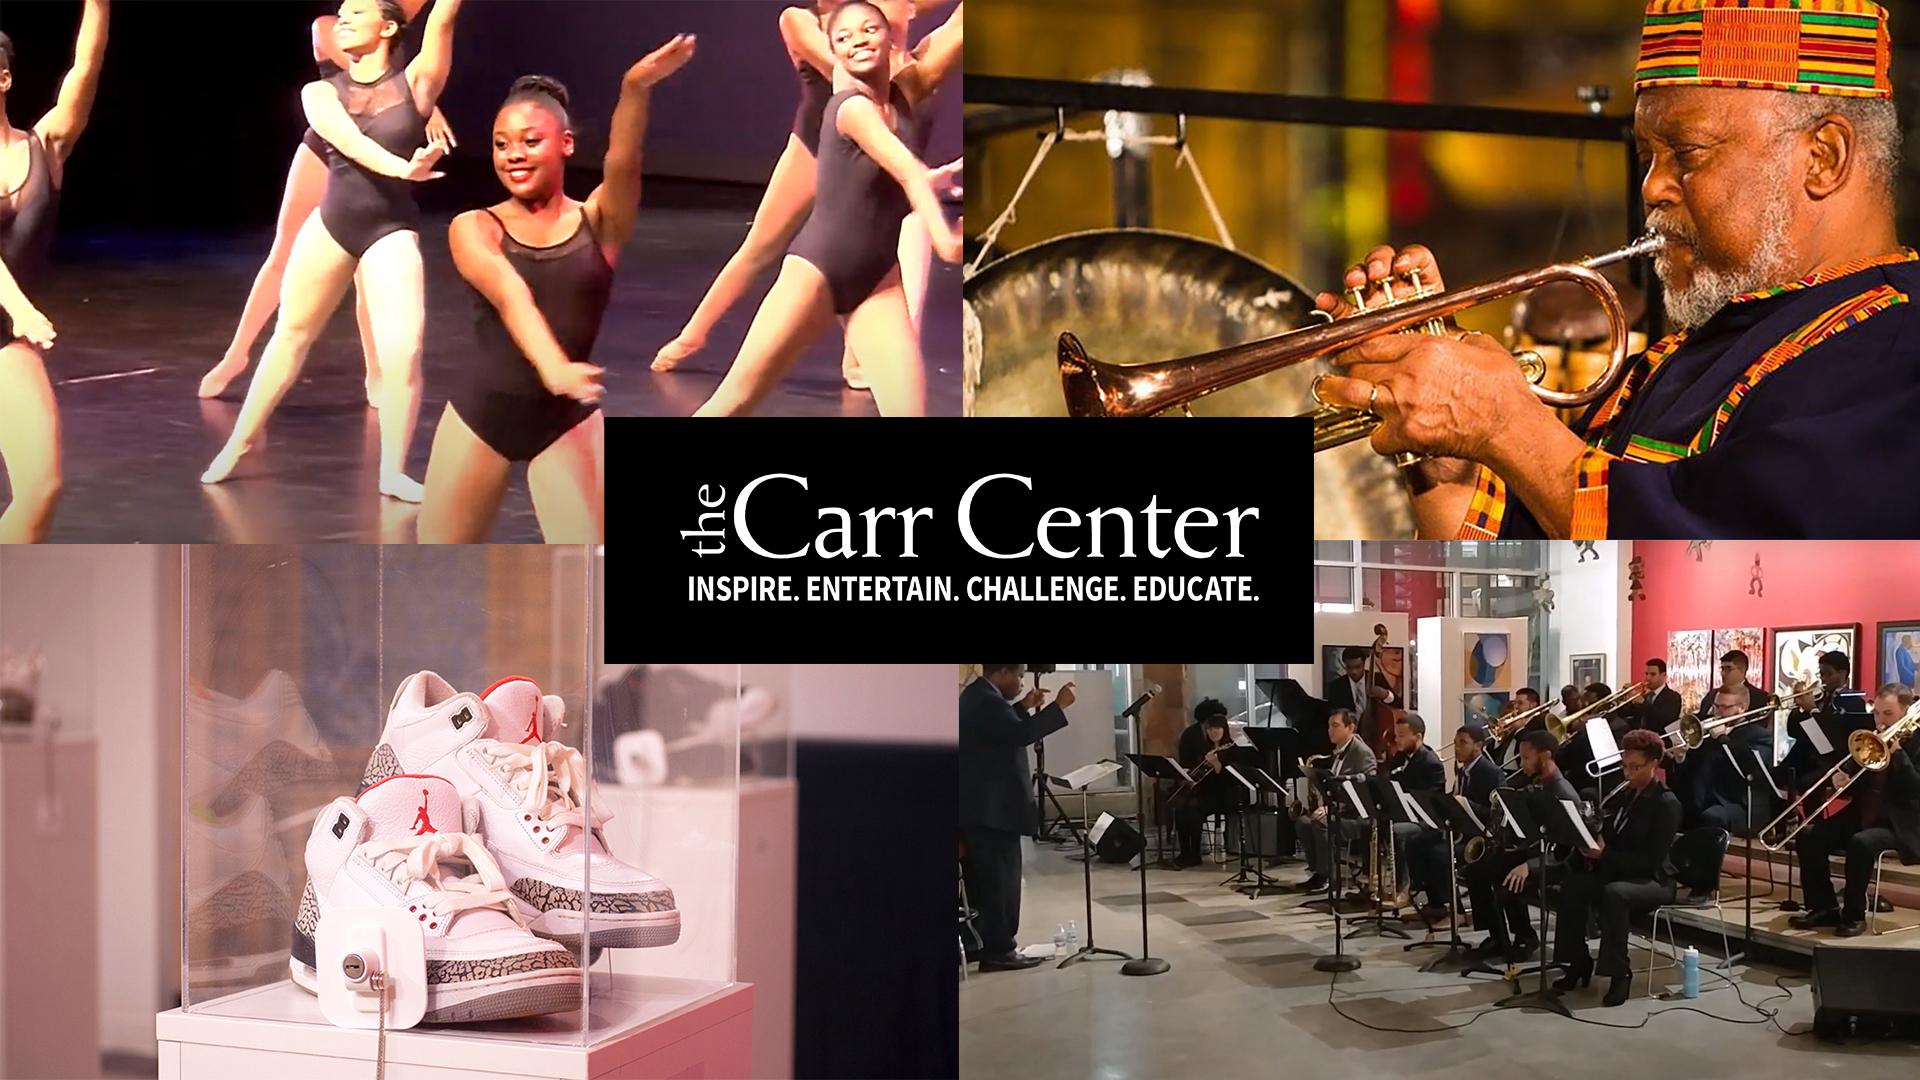 Carr Center